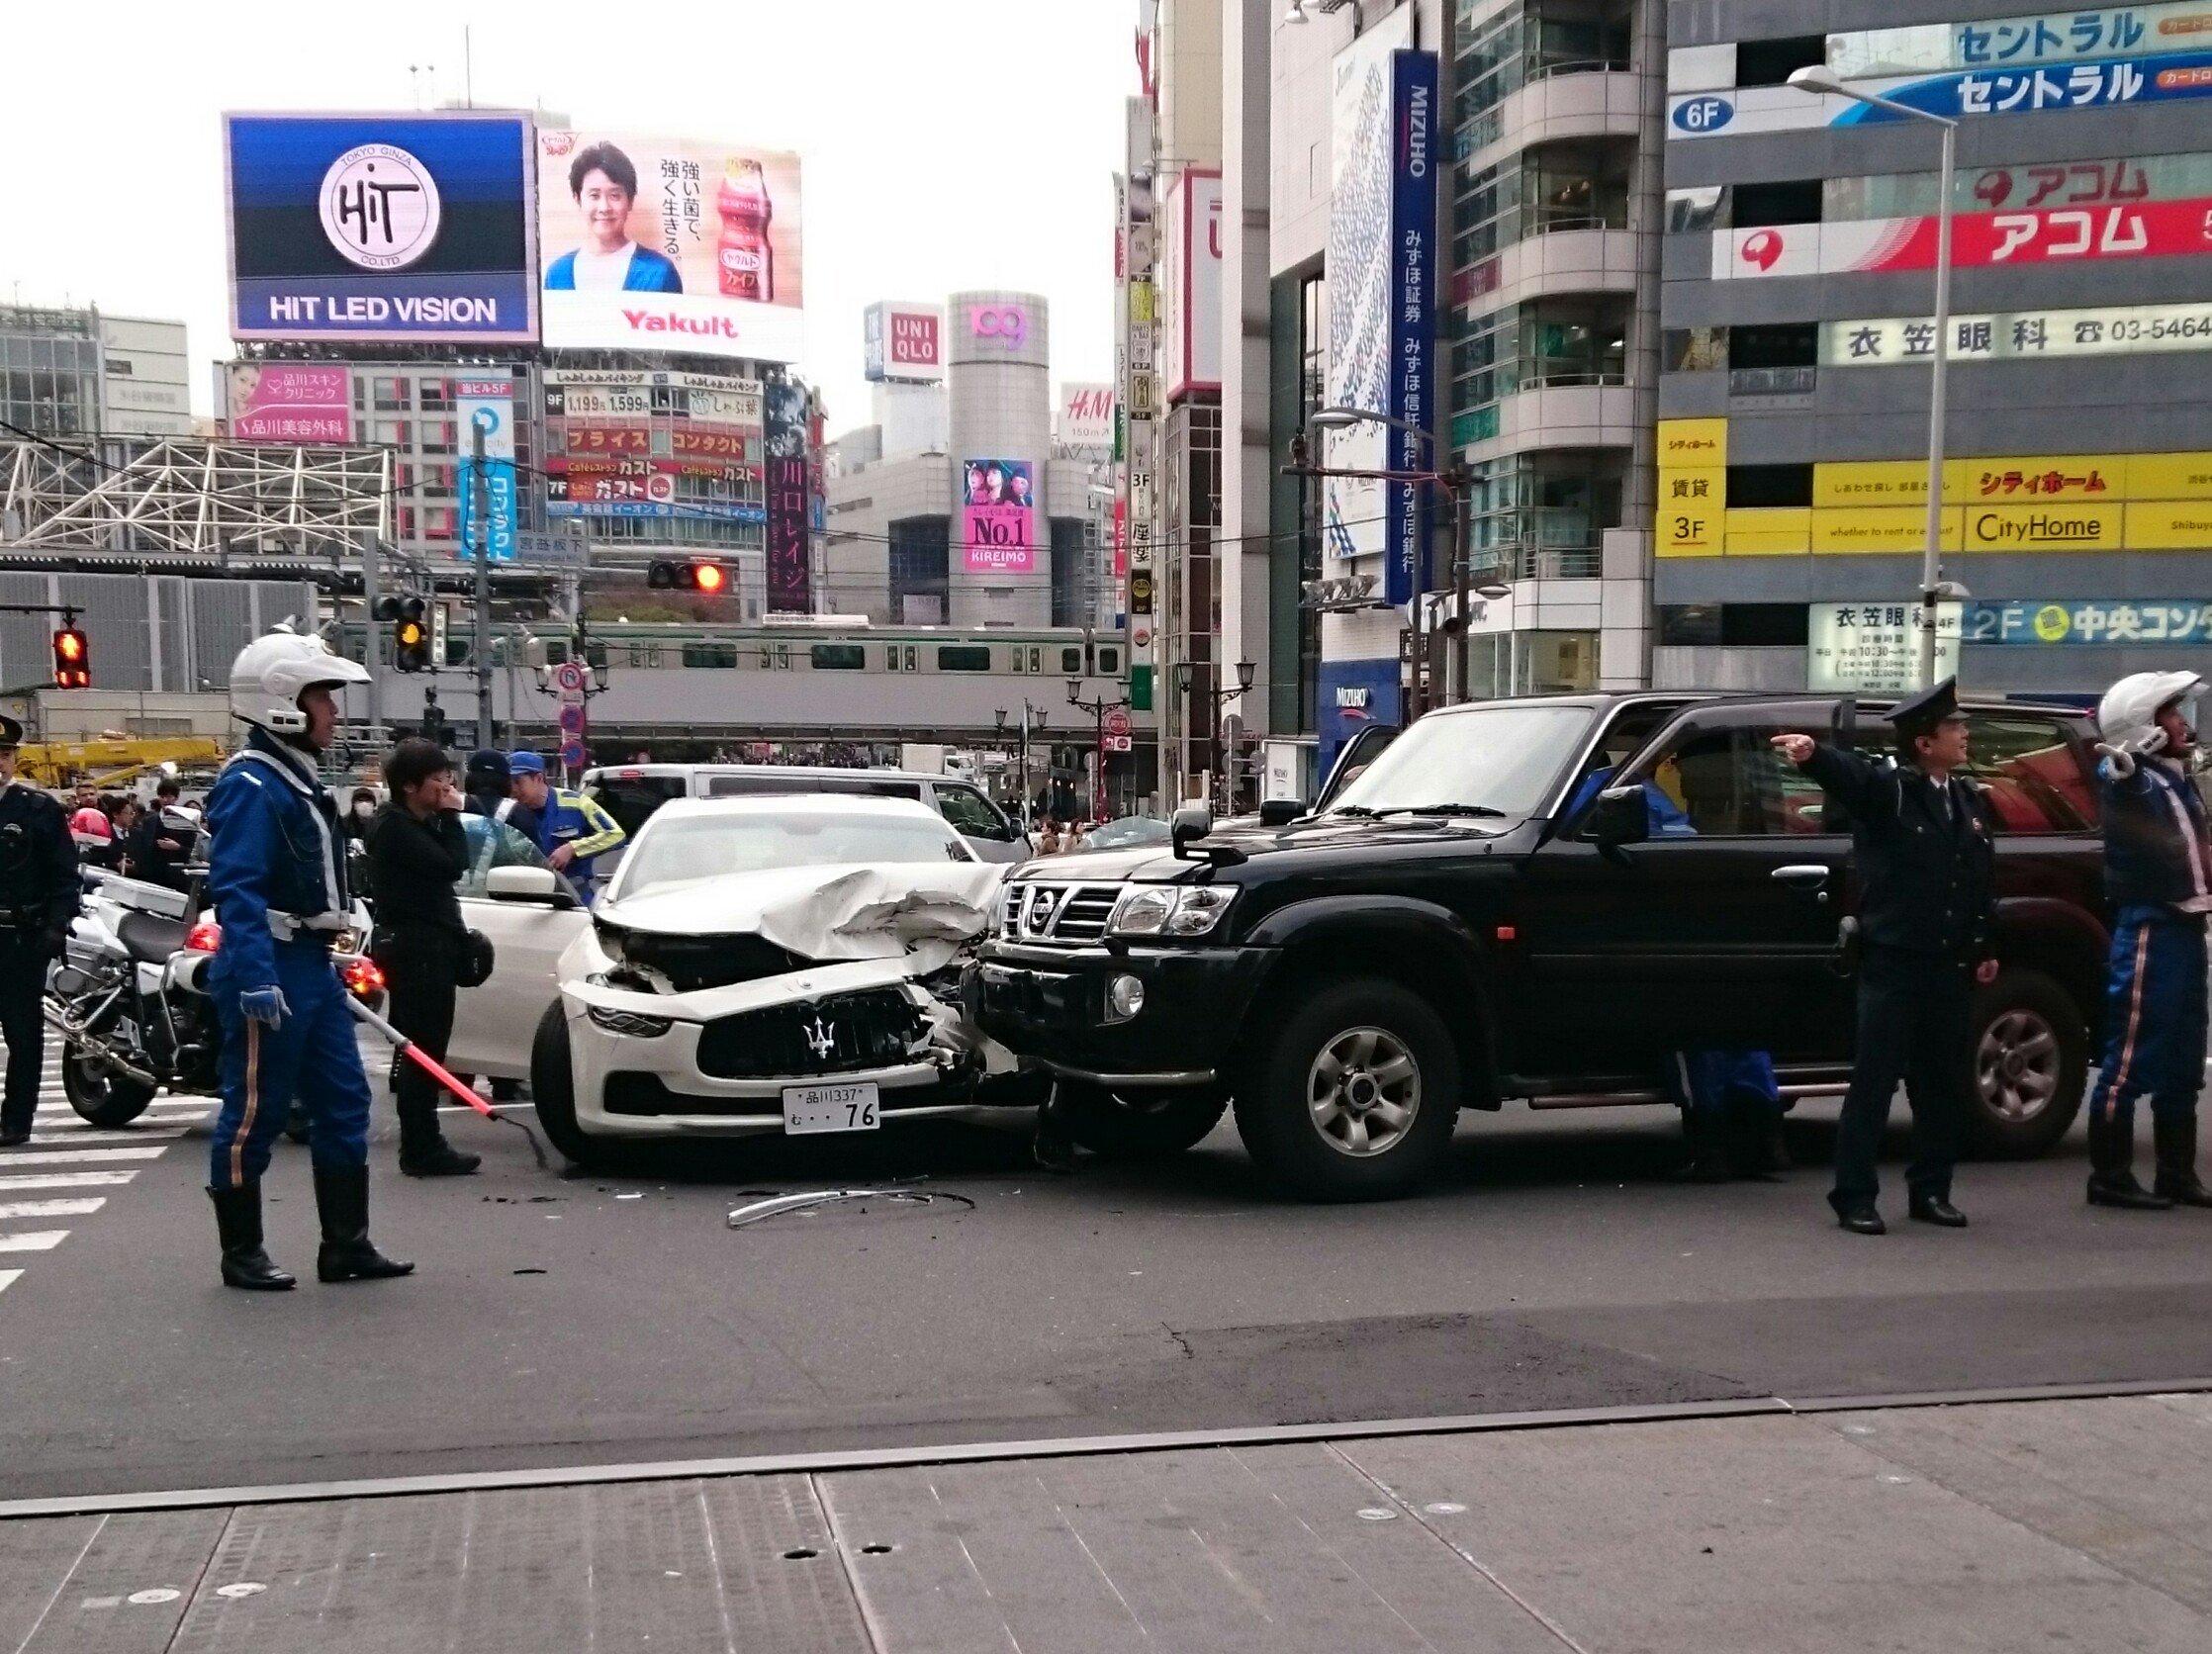 渋谷の宮益坂交差点のベンツの交通事故現場の画像